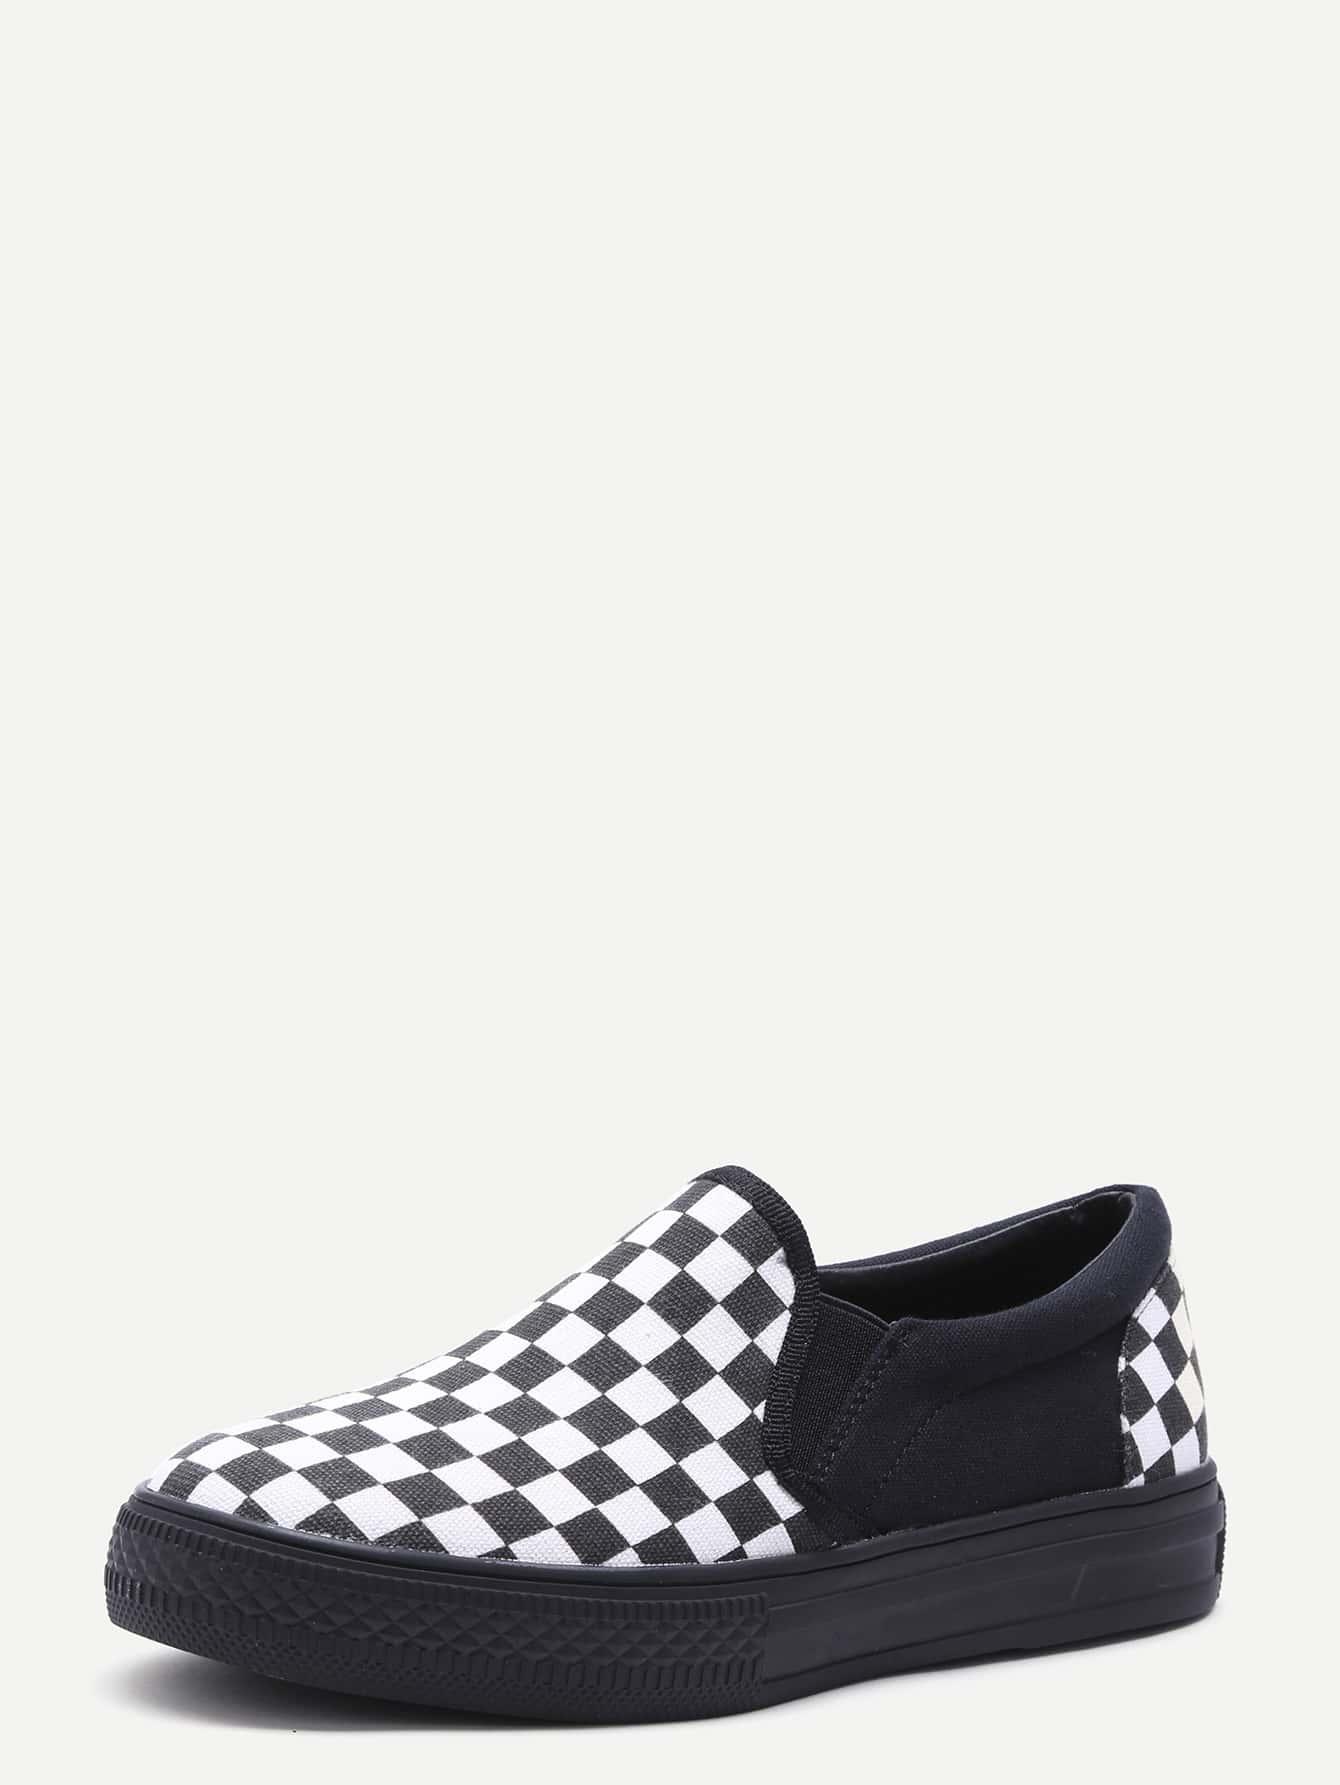 shoes161209806_2